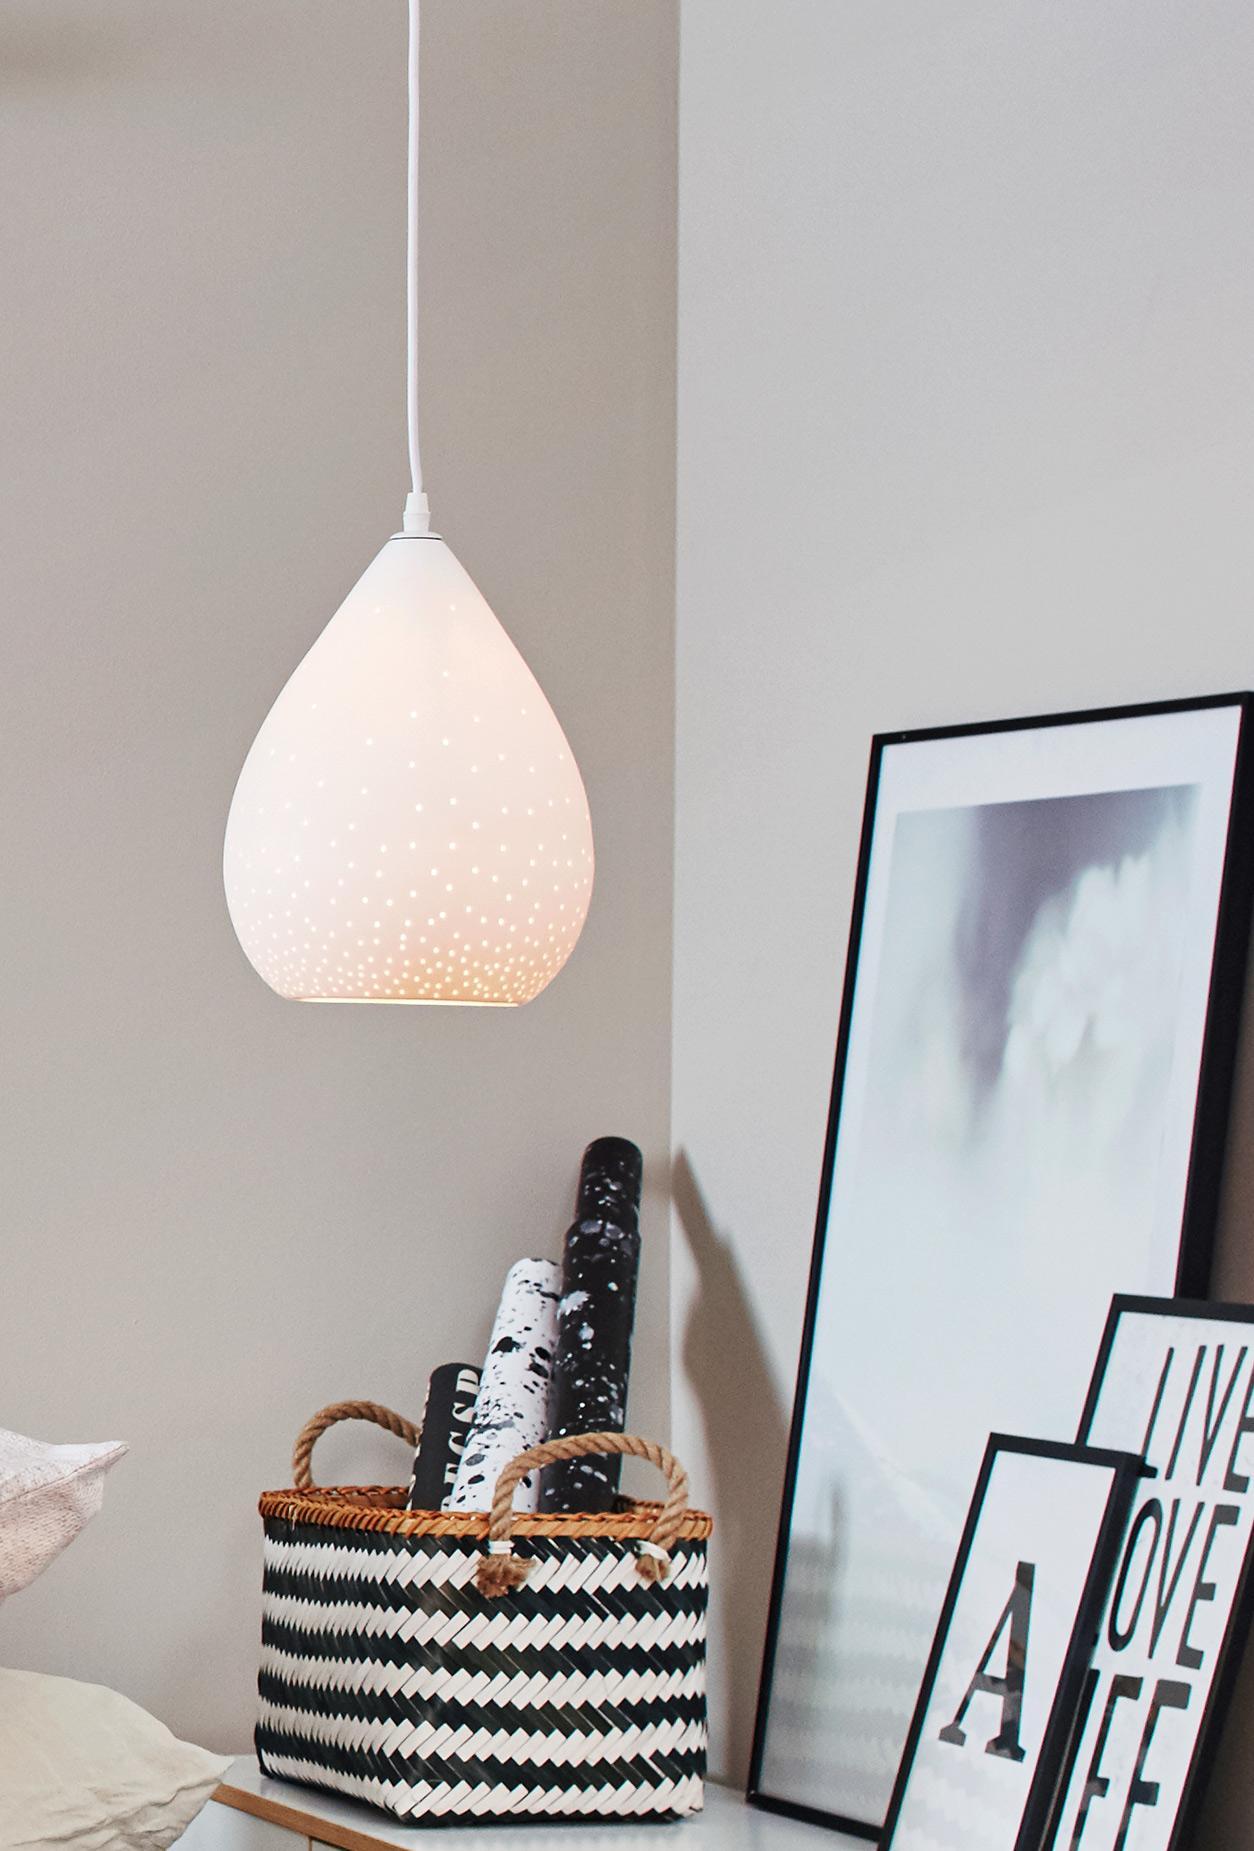 Lichtspiele Auf Wand Und Mobel Hangeleuchte Lampe